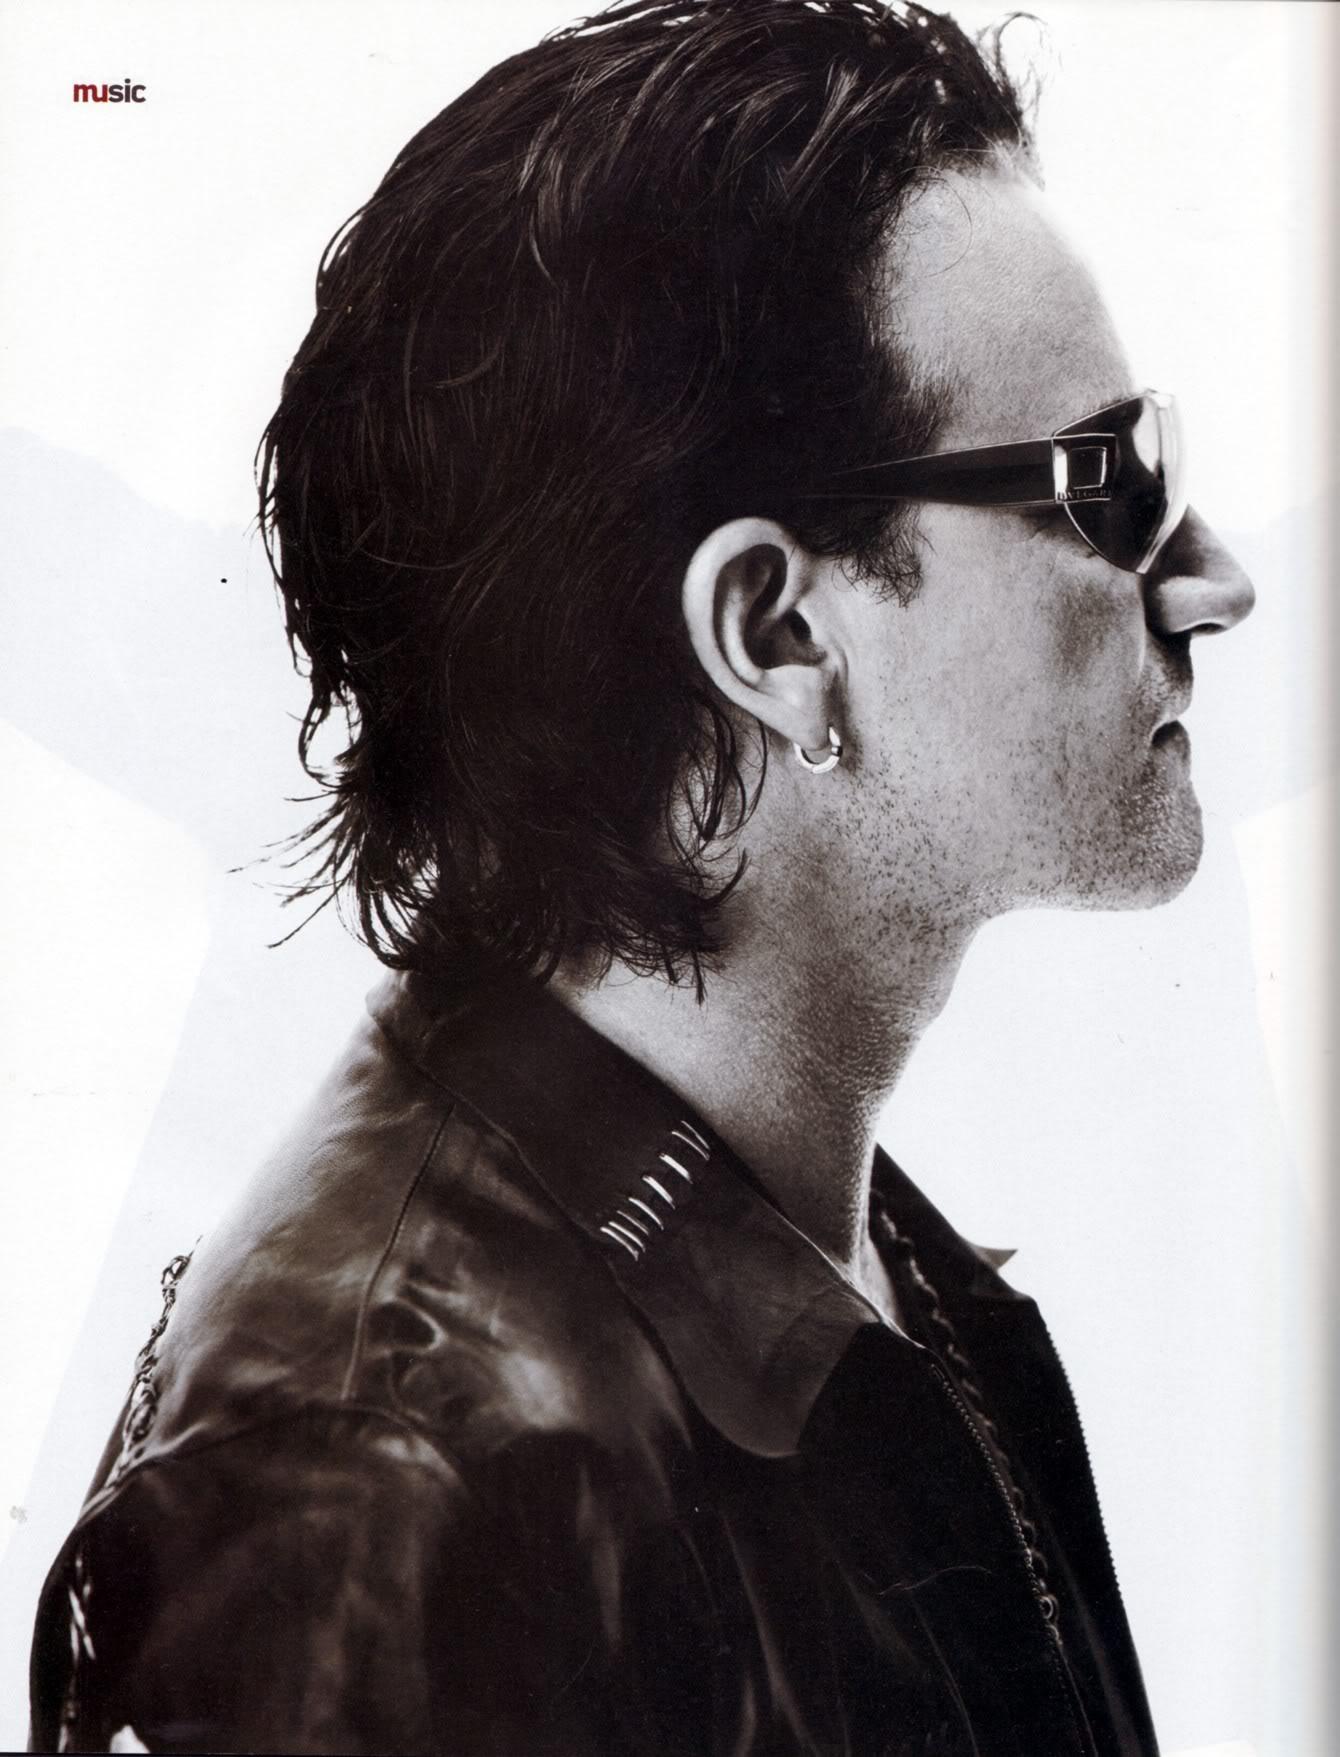 Bono (Details, November 2001)